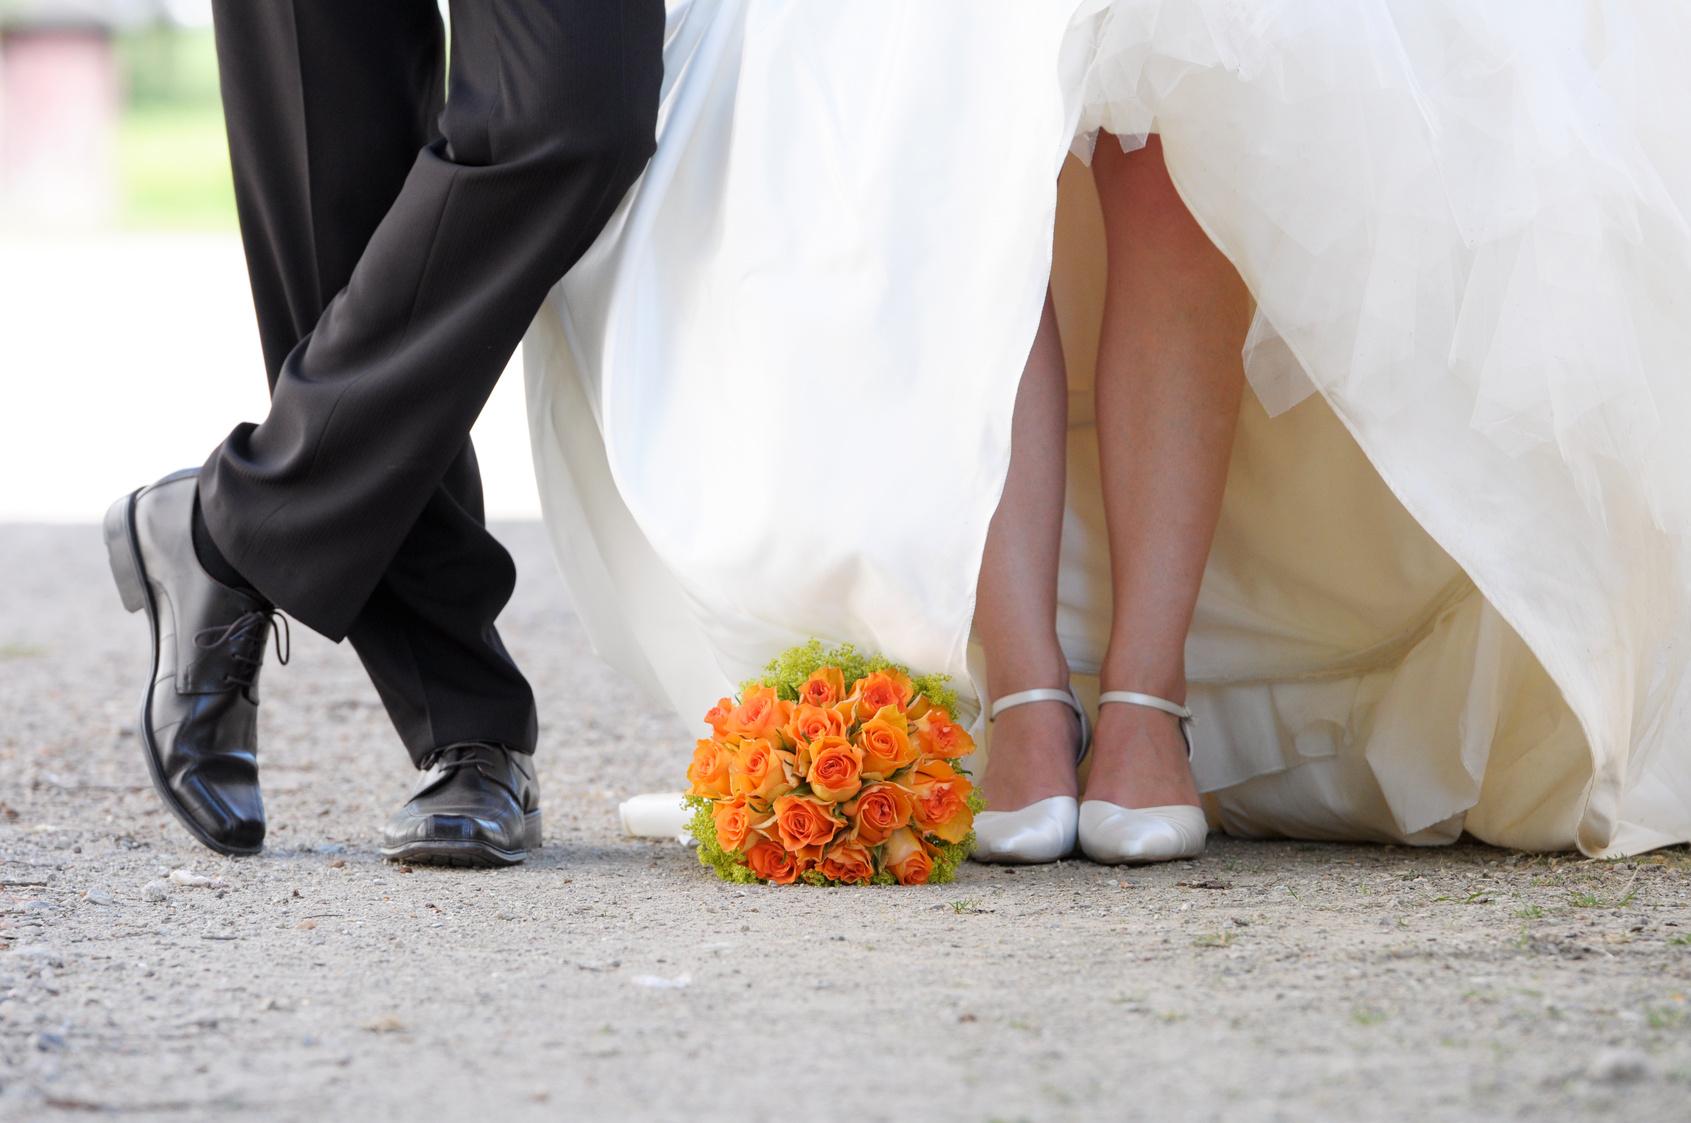 Sonderurlaub Hochzeit Das Müssen Sie Wissen Heimarbeitde